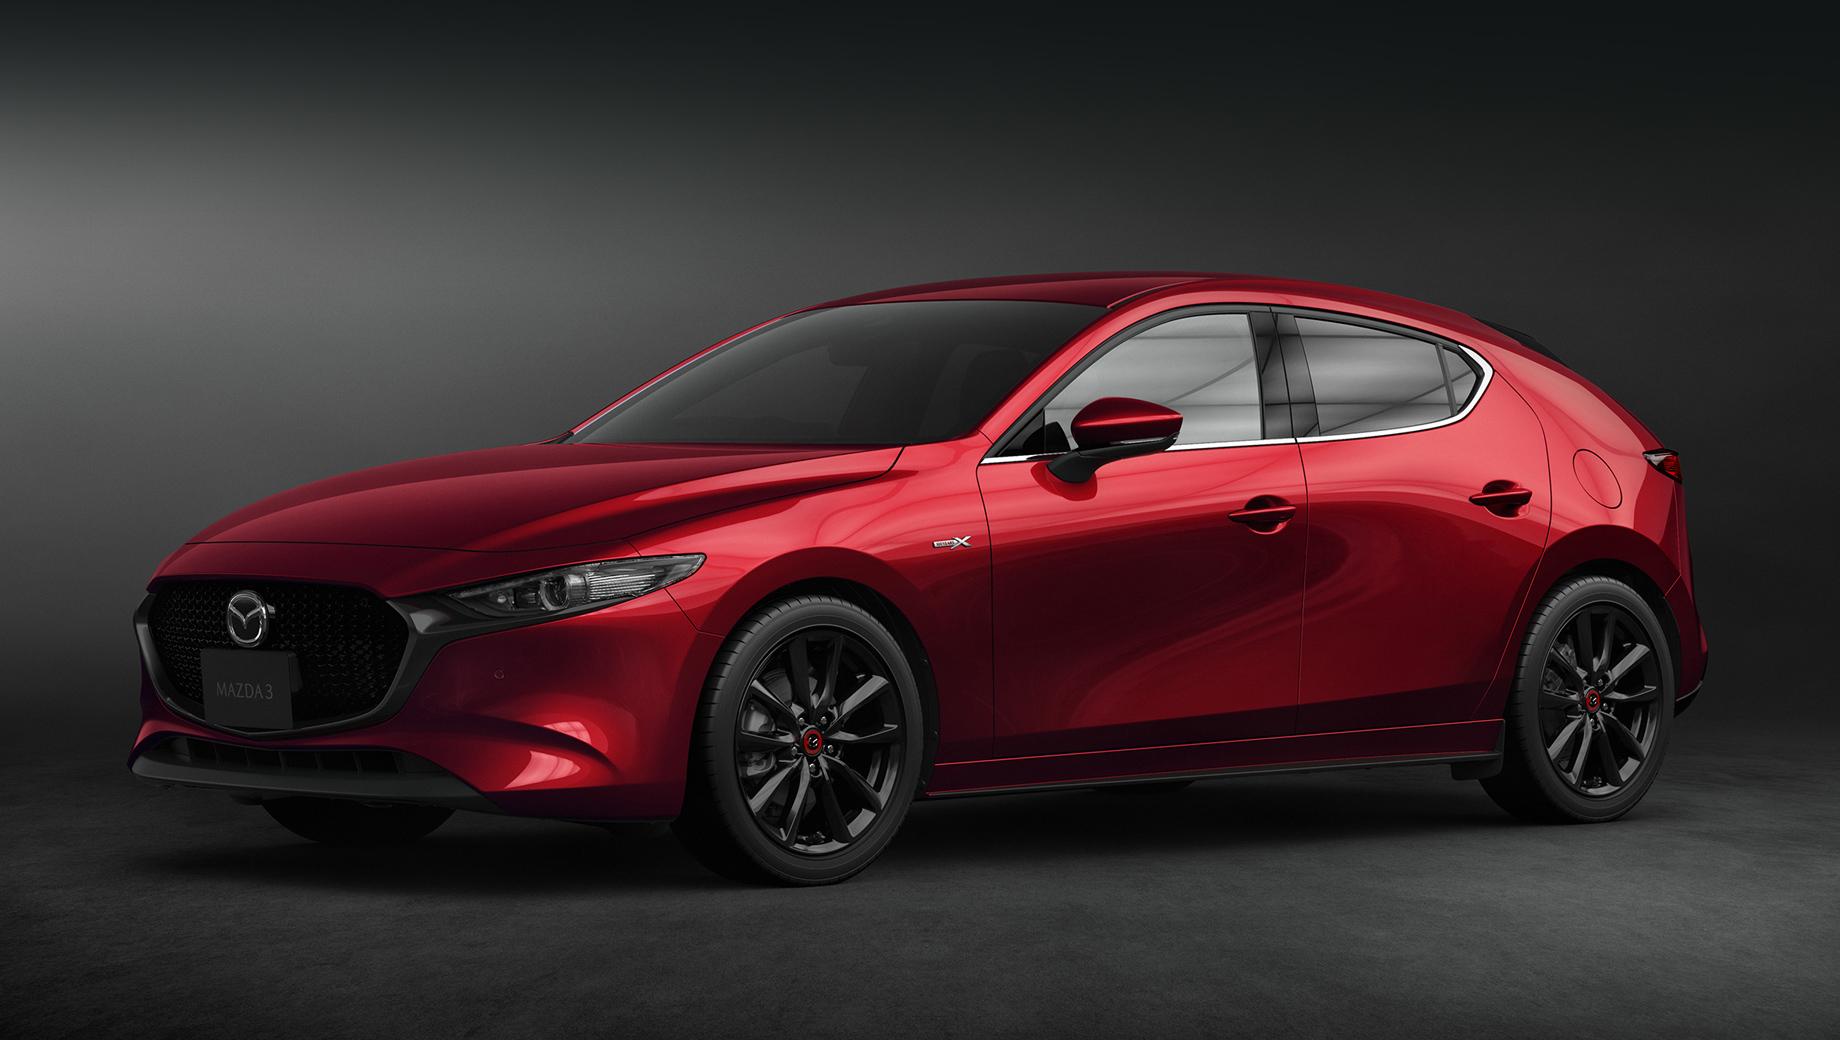 Mazda 3. Помимо прочего, компания выпустила специальное издание «трёшки», отмечающее и столетний юбилей марки, и награду 2020 World Car Design of the Year.